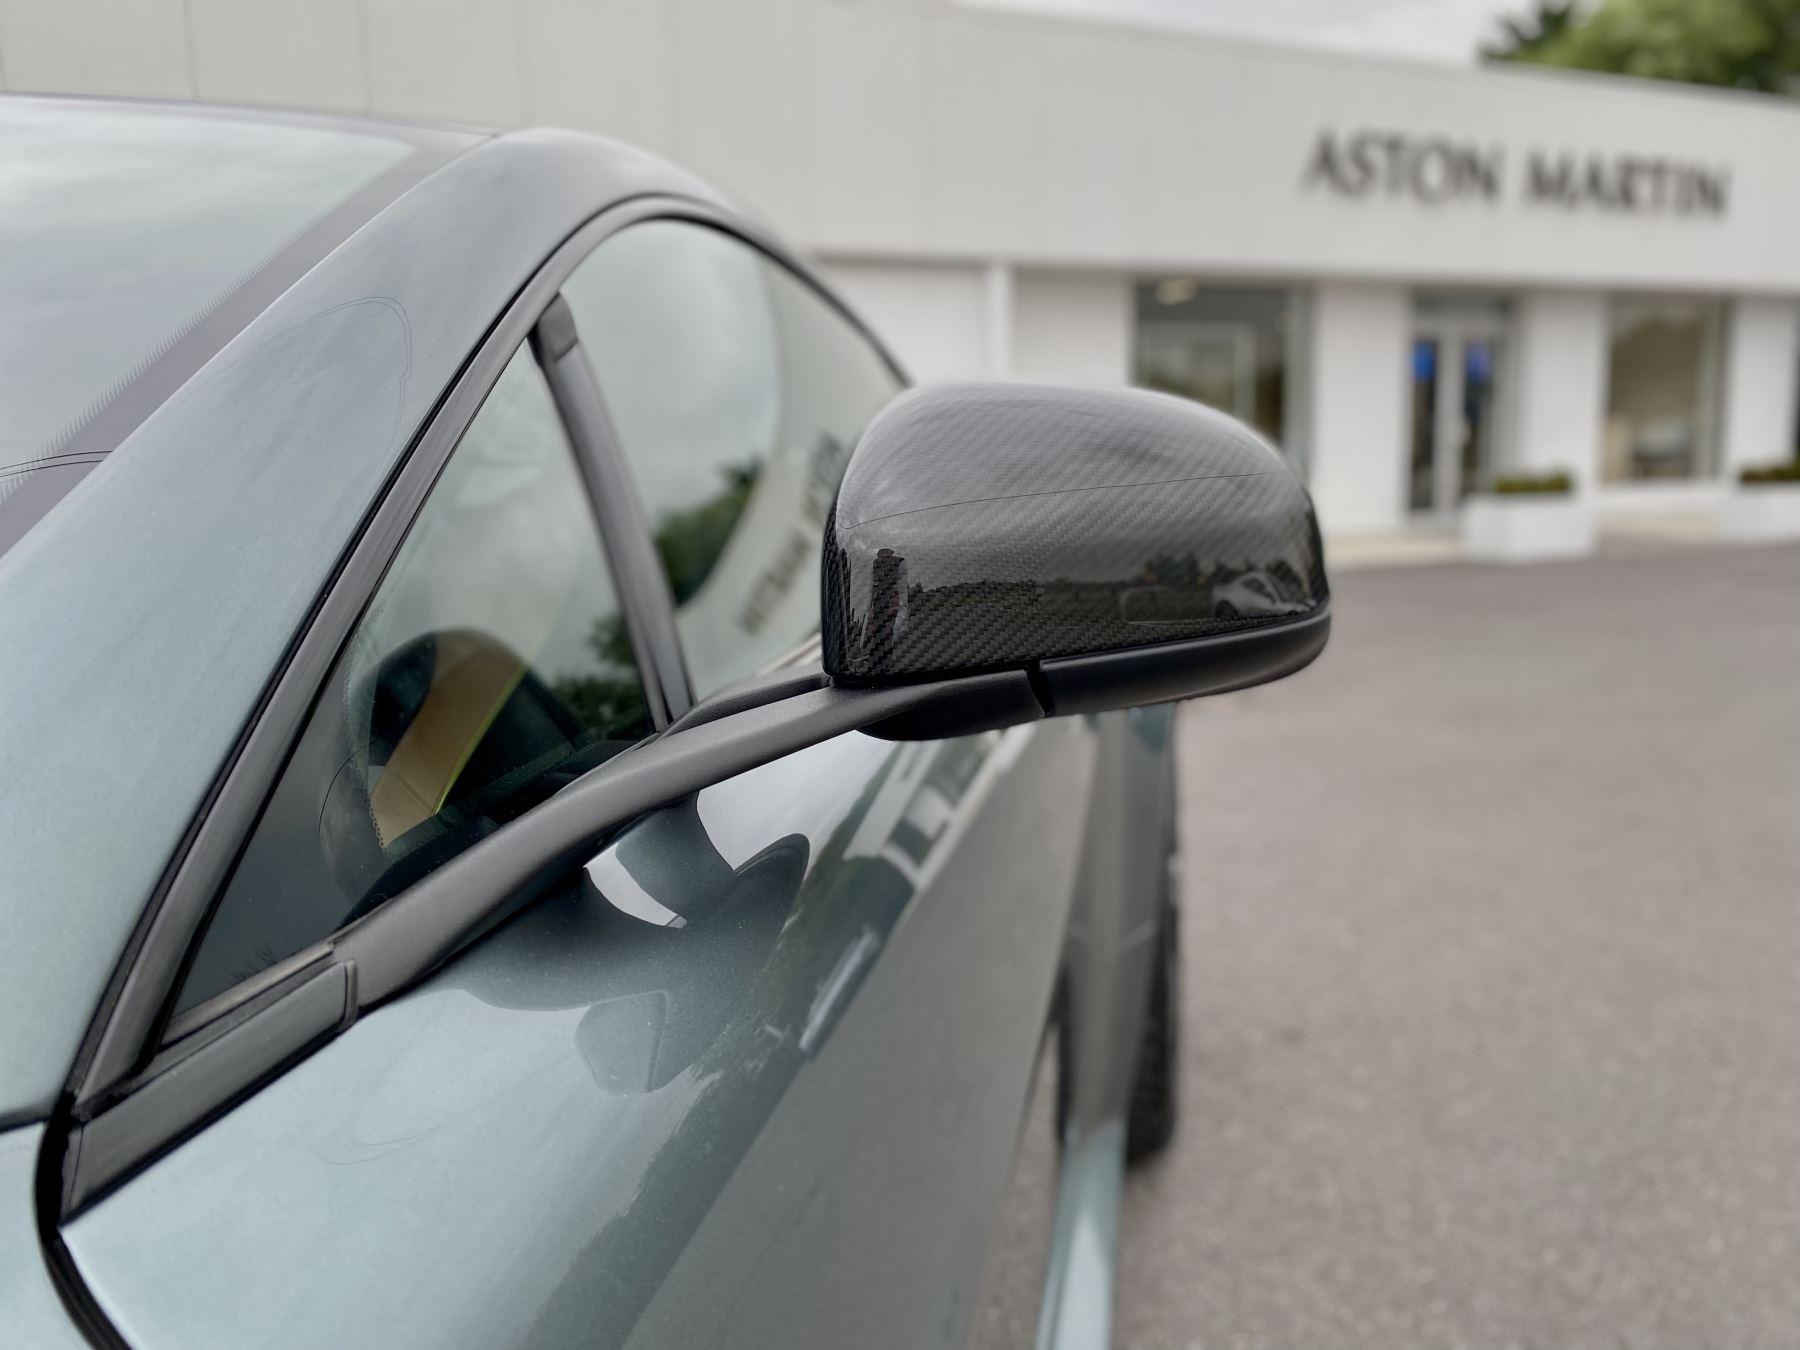 Aston Martin Vantage AMR AMR 2dr Manual  image 14